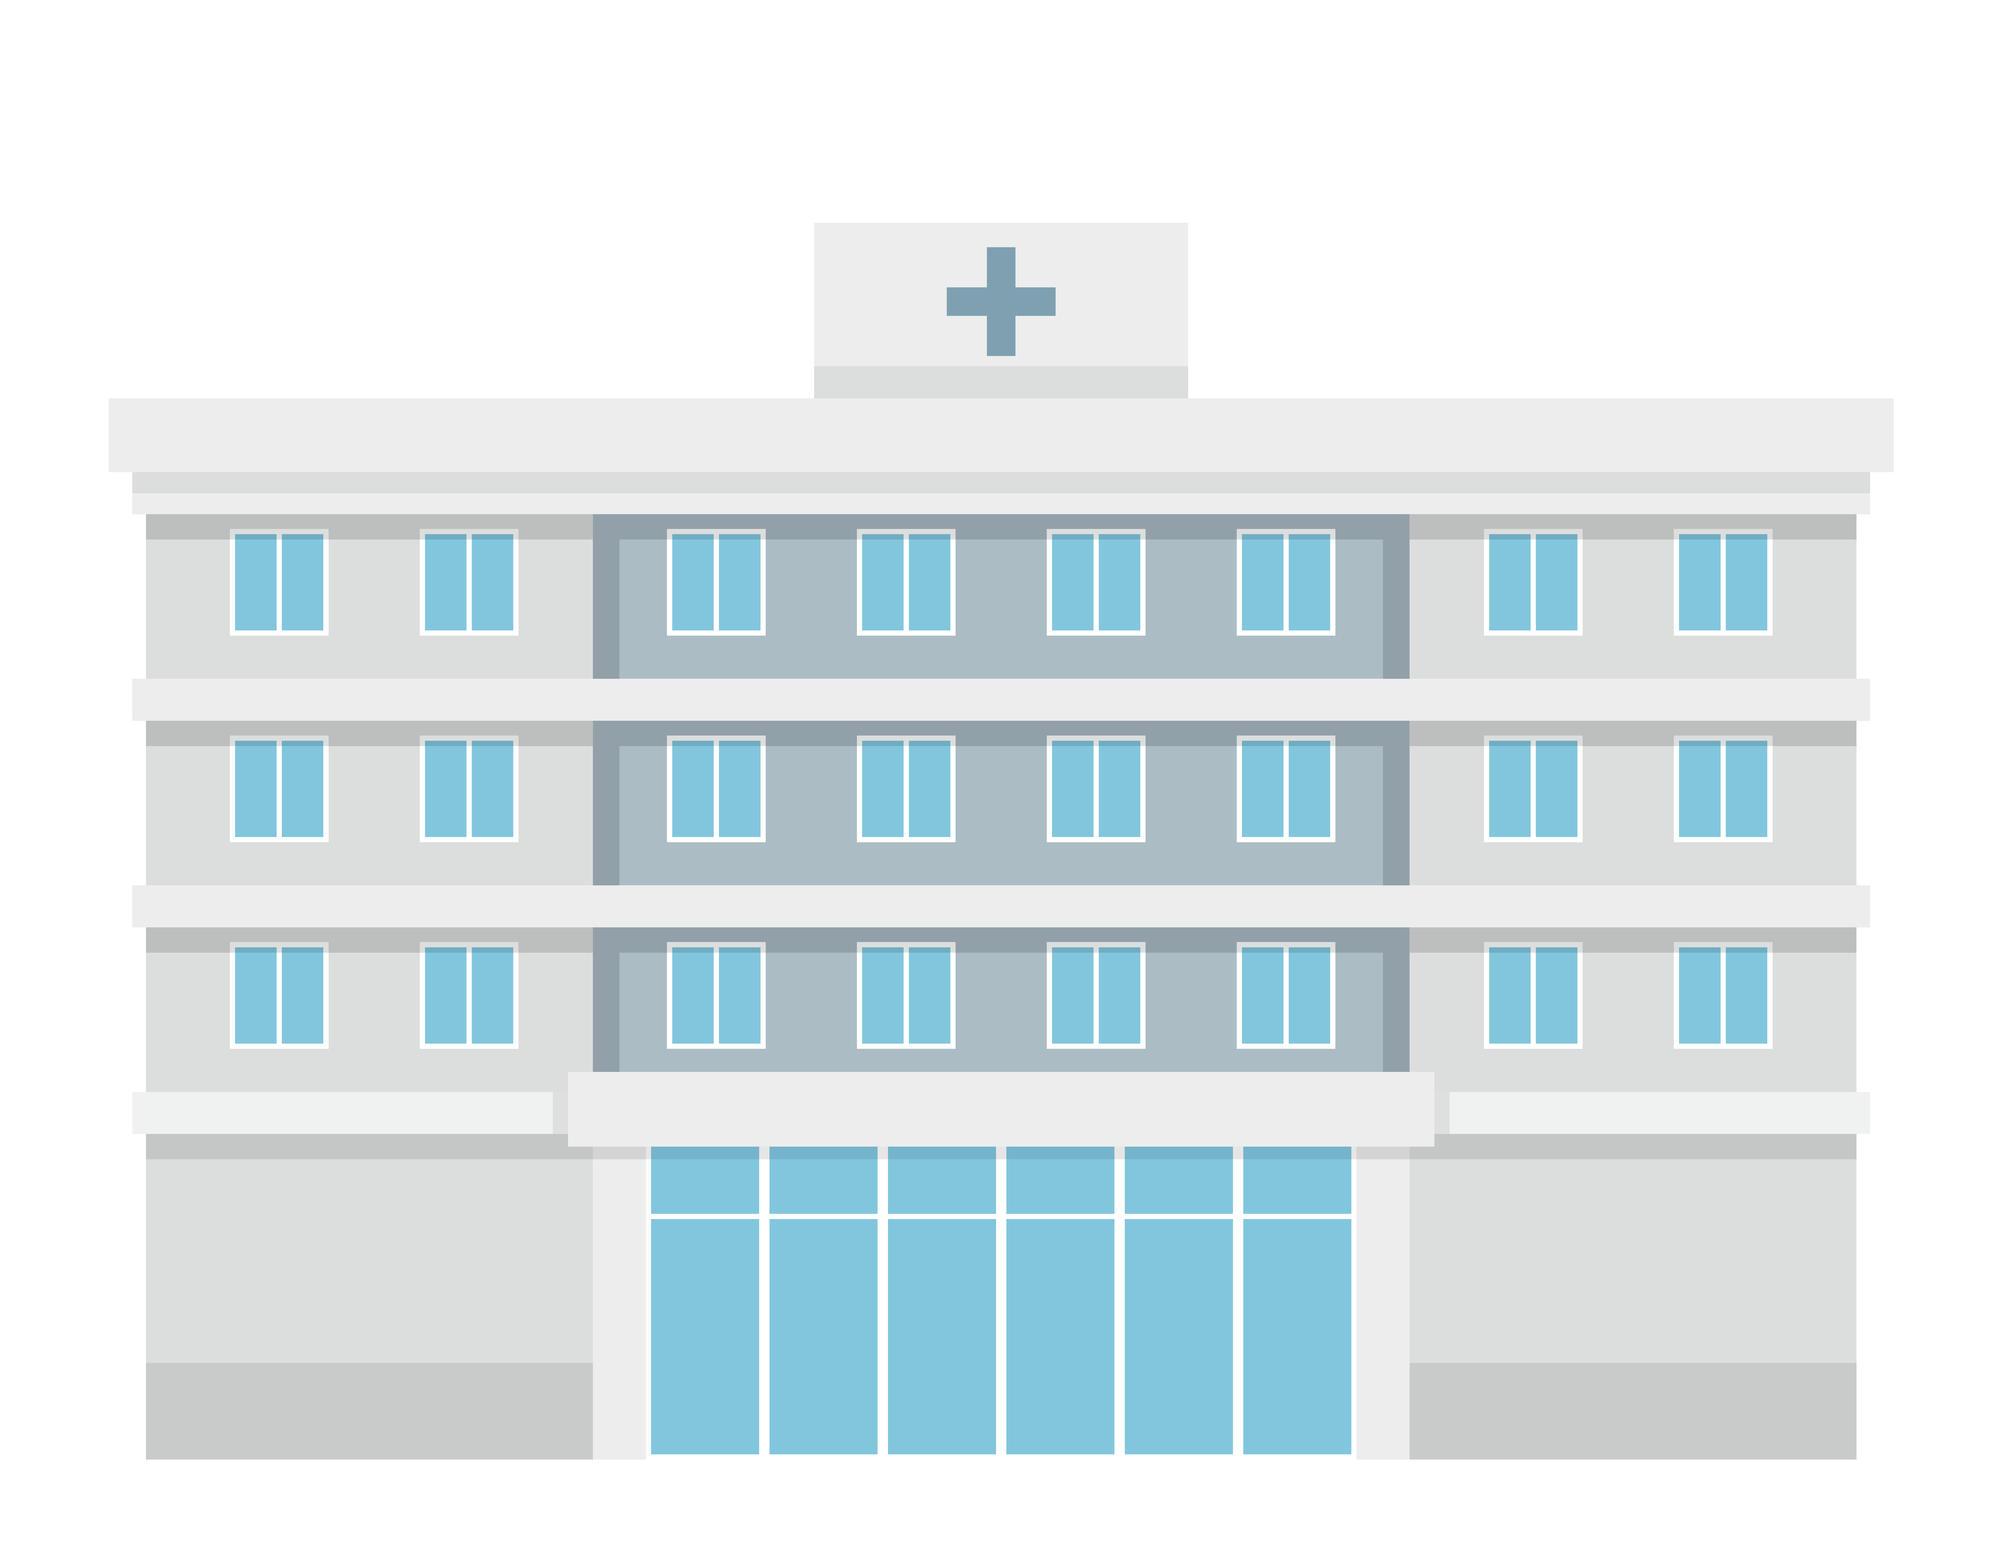 認知症ケアを盤石なものにする「認知症疾患医療センター」について|認知症のコラム